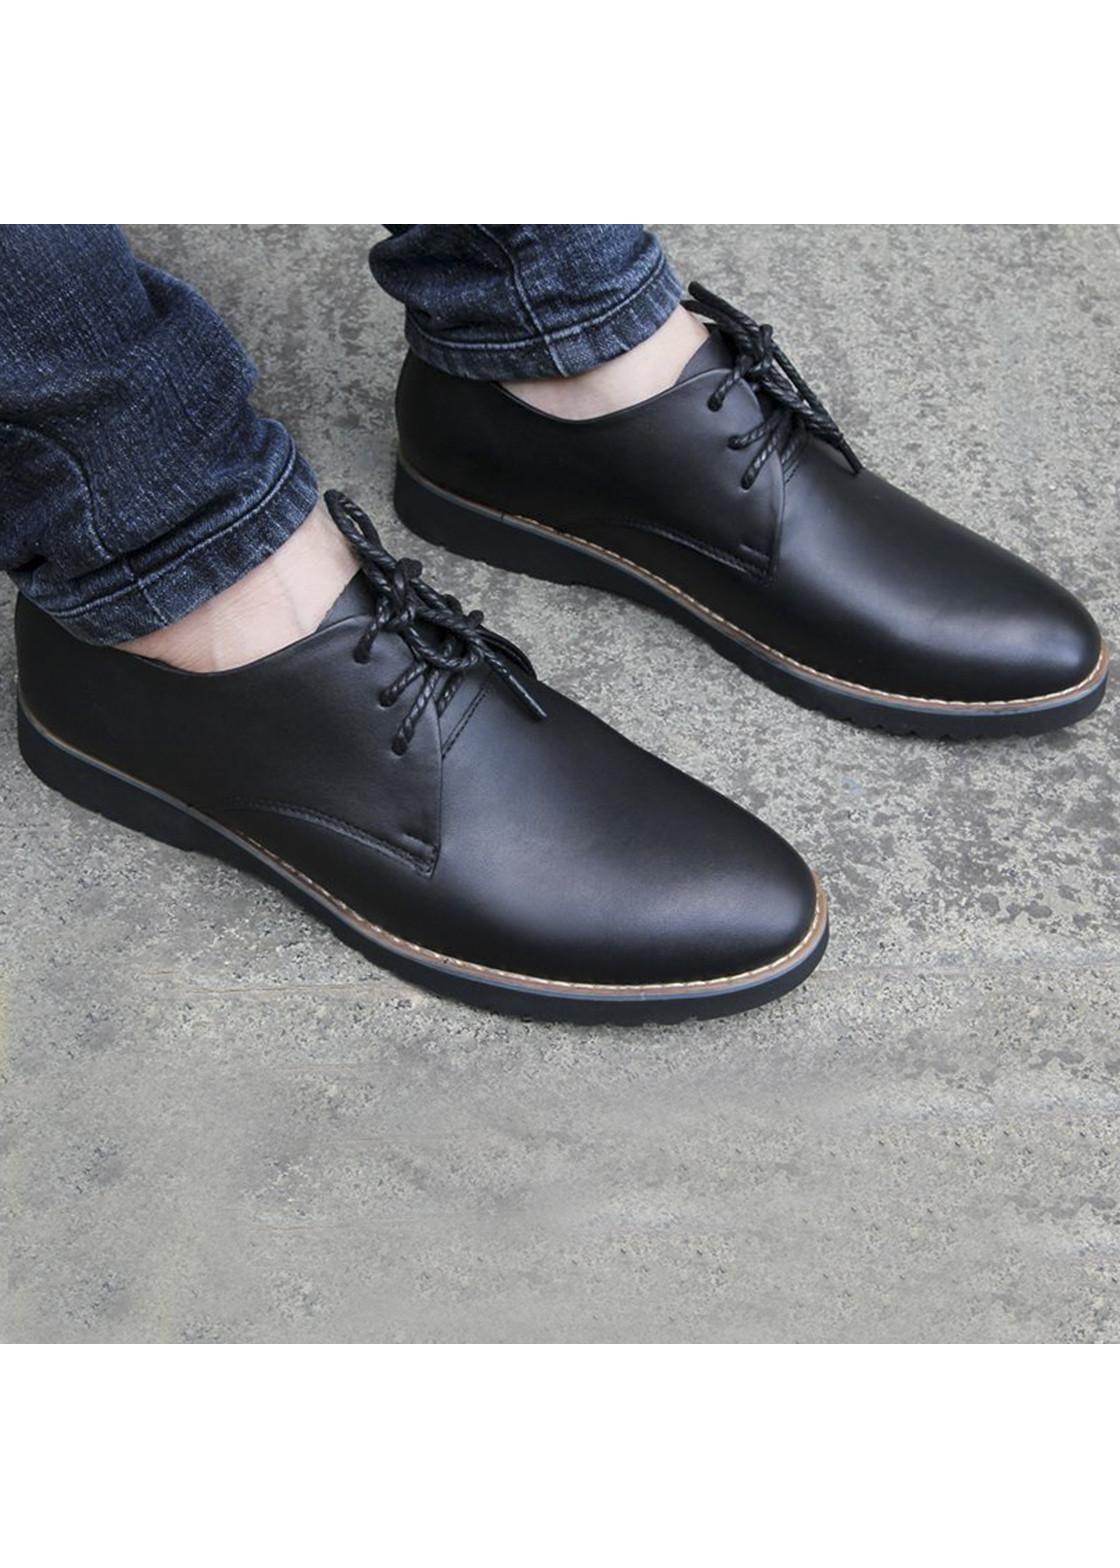 Giày Tây Nam - Giày Tây Nam Da Bò Thật 100% - Mã B0222